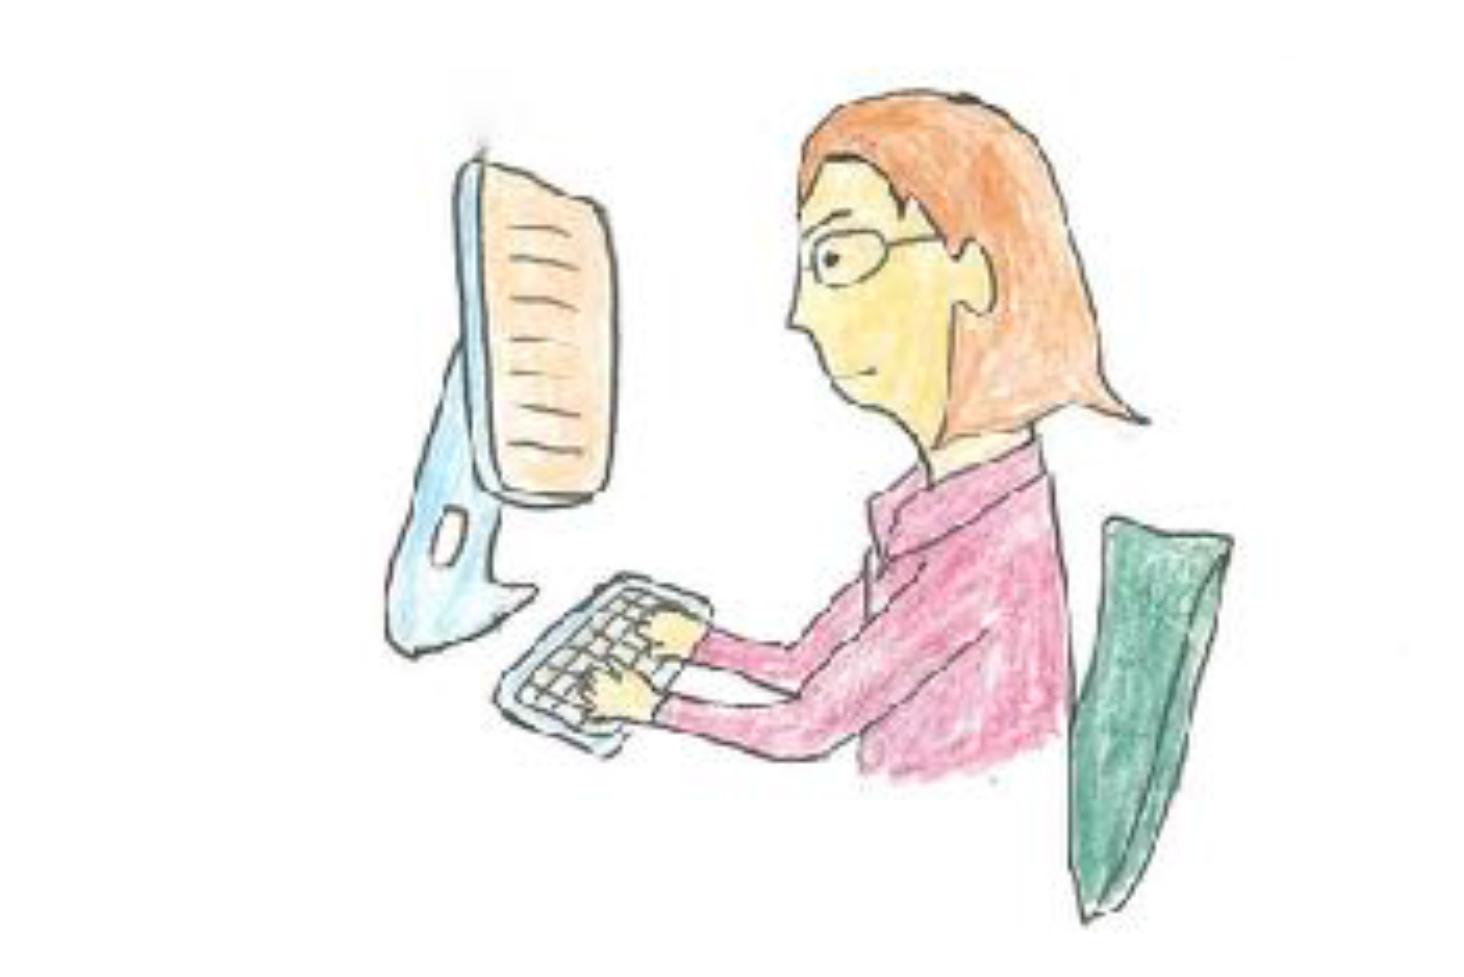 印刷物だけでなくパソコンが日常になり、今までより色々な距離の 近く(デスクトップ、ノートPC,タブレット)を長い時間見るようになってゆきました。